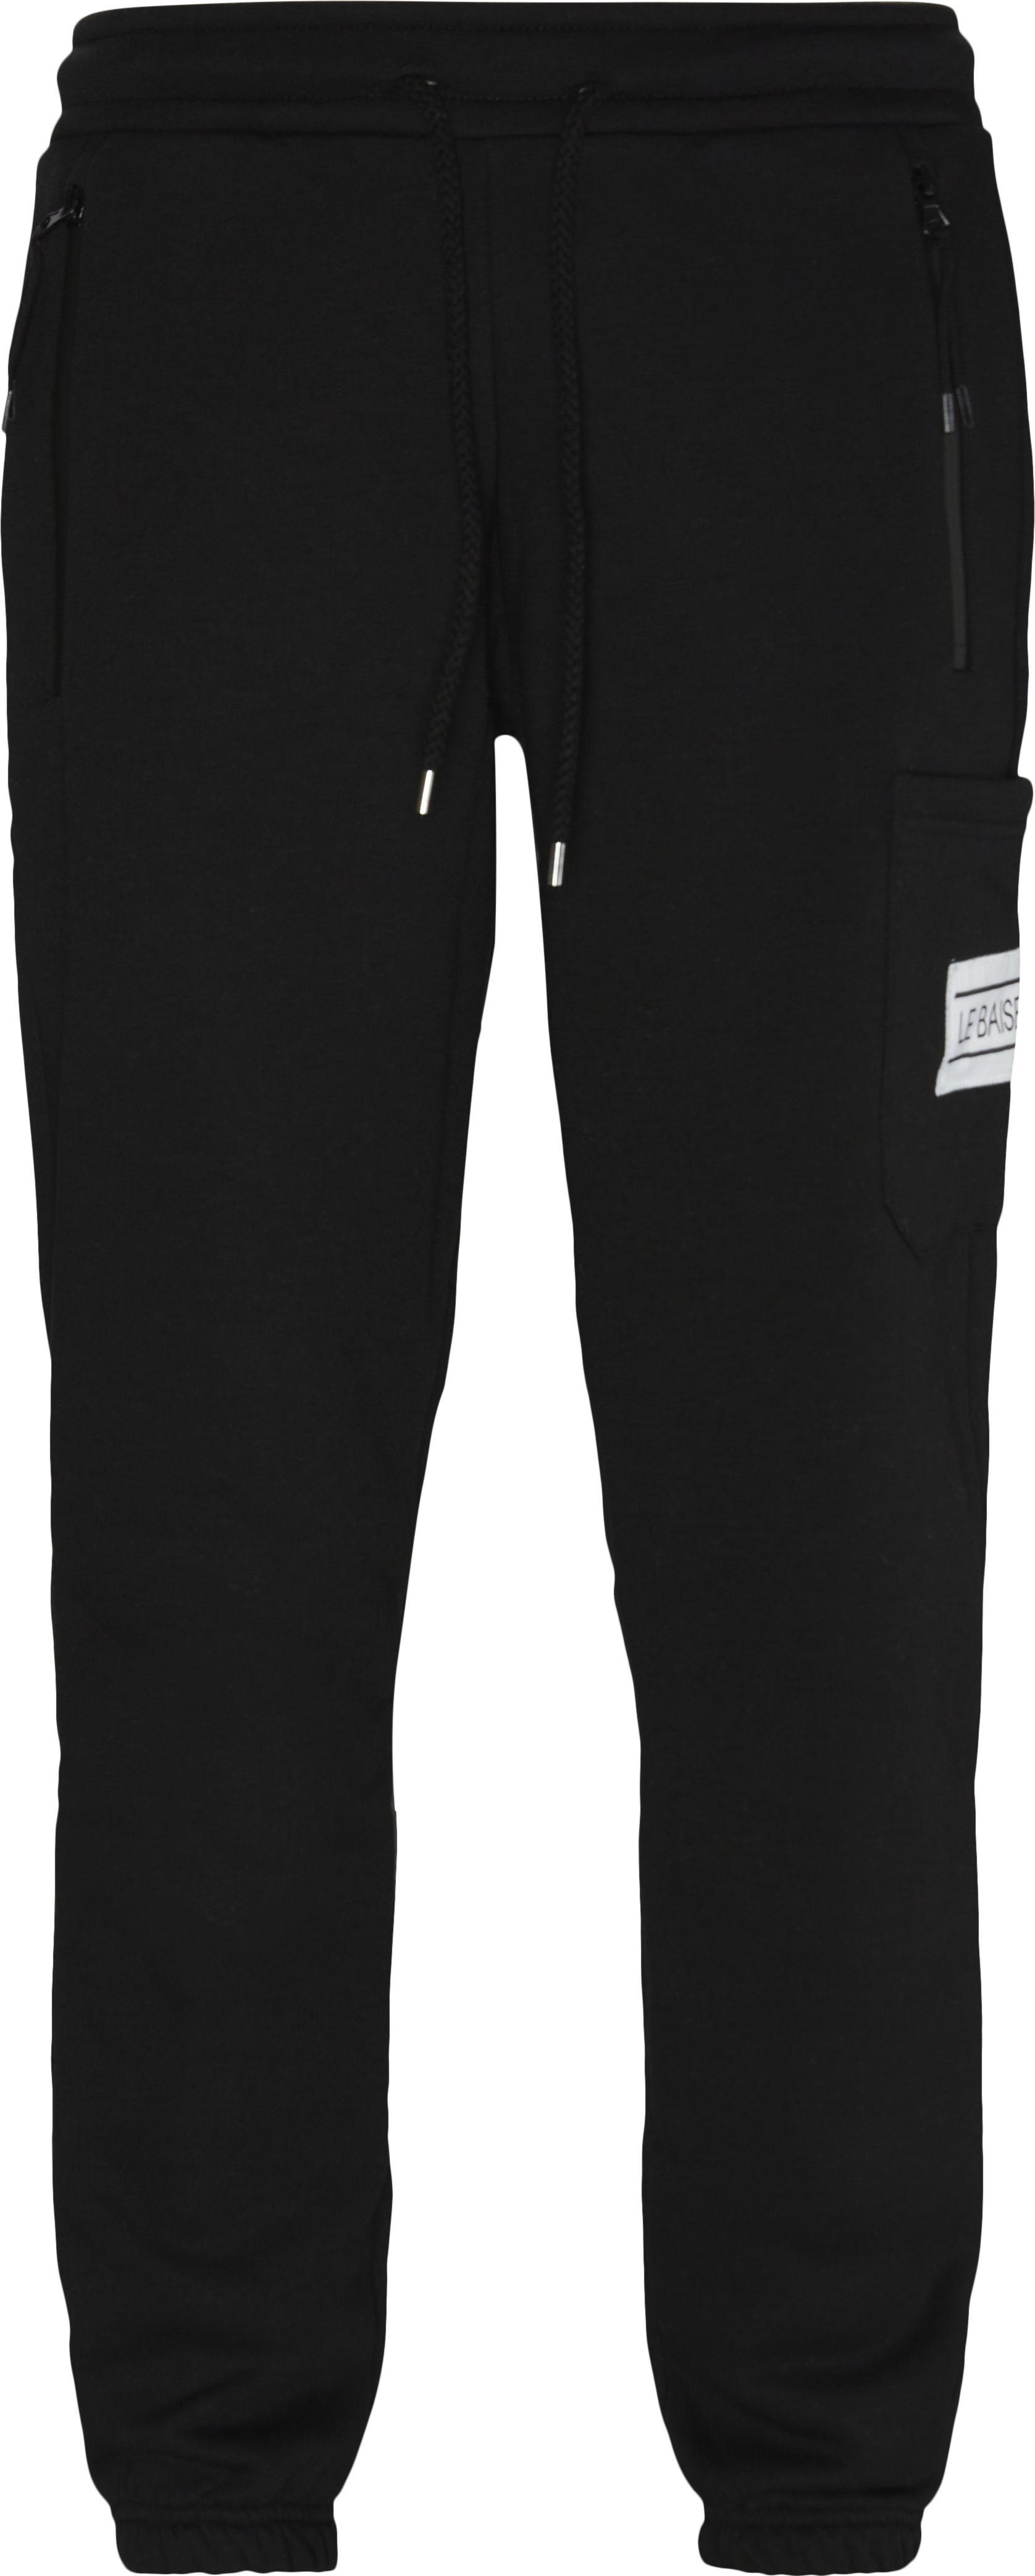 Nationale Sweatpants - Bukser - Regular fit - Sort